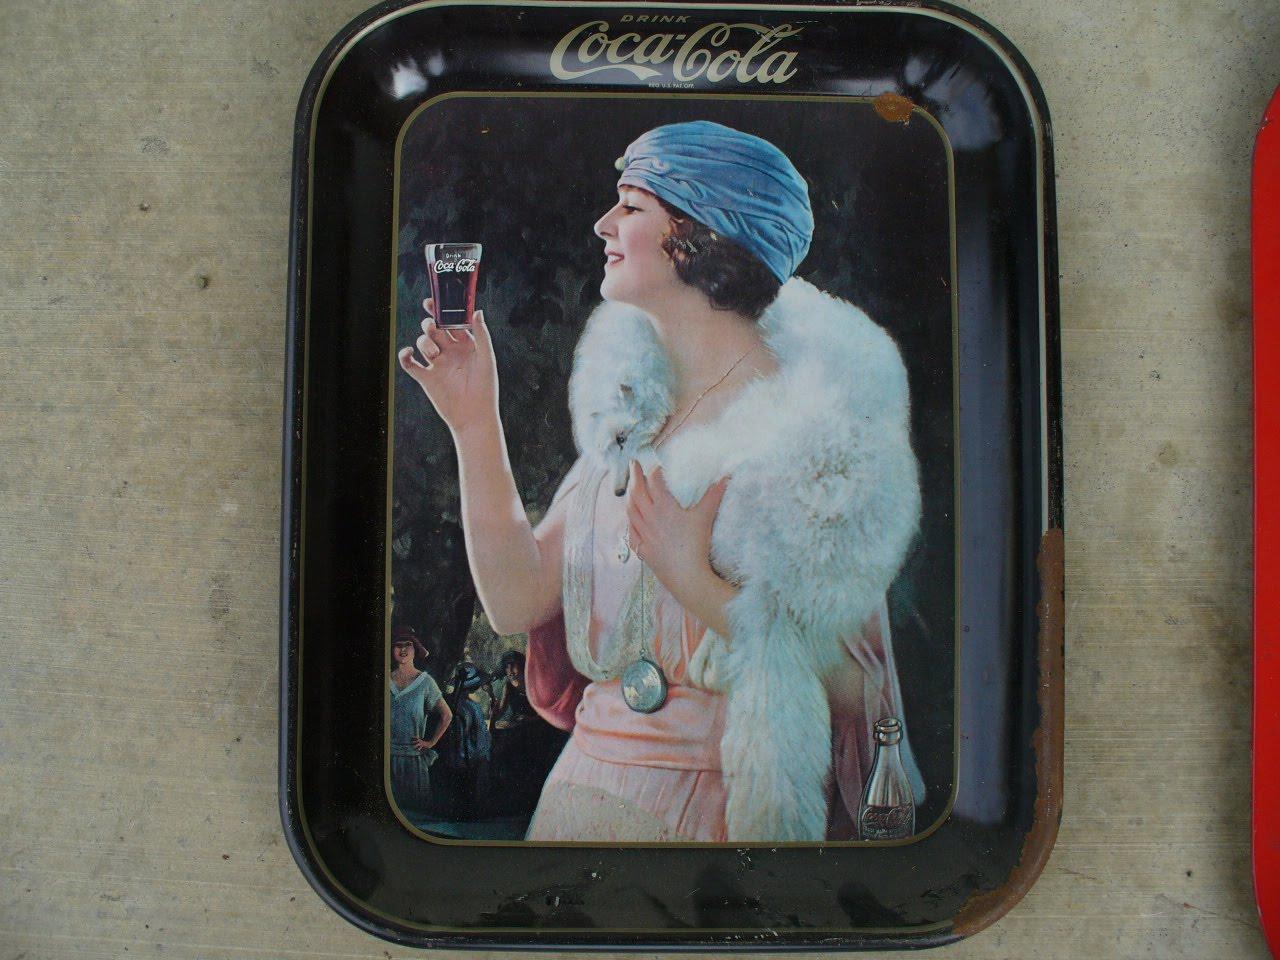 Coca cola vintage trays